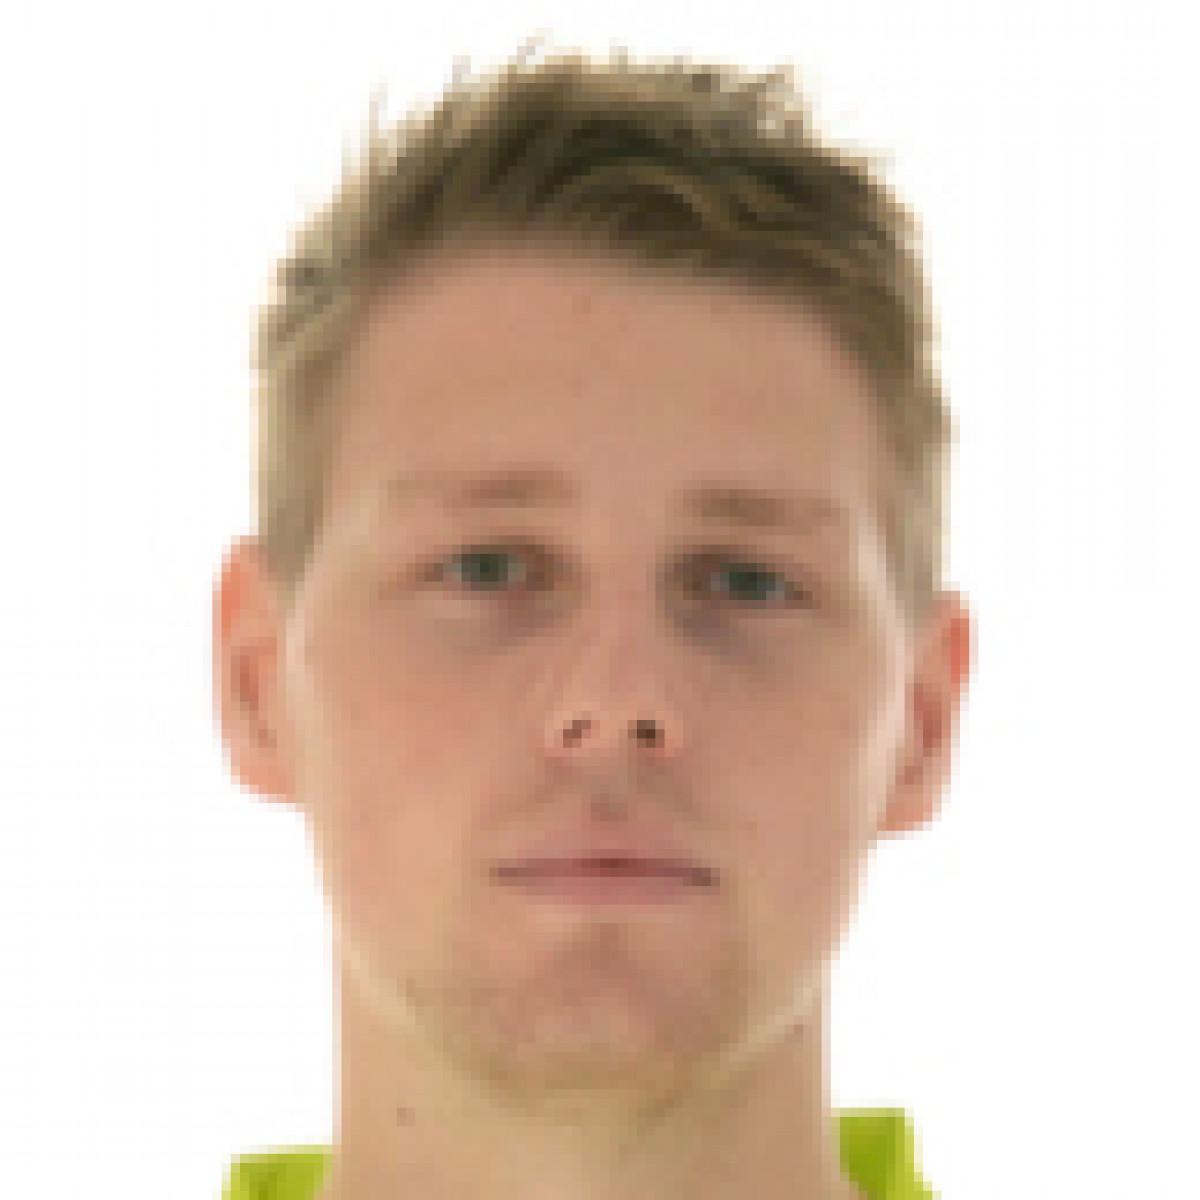 Tim Hasbargen